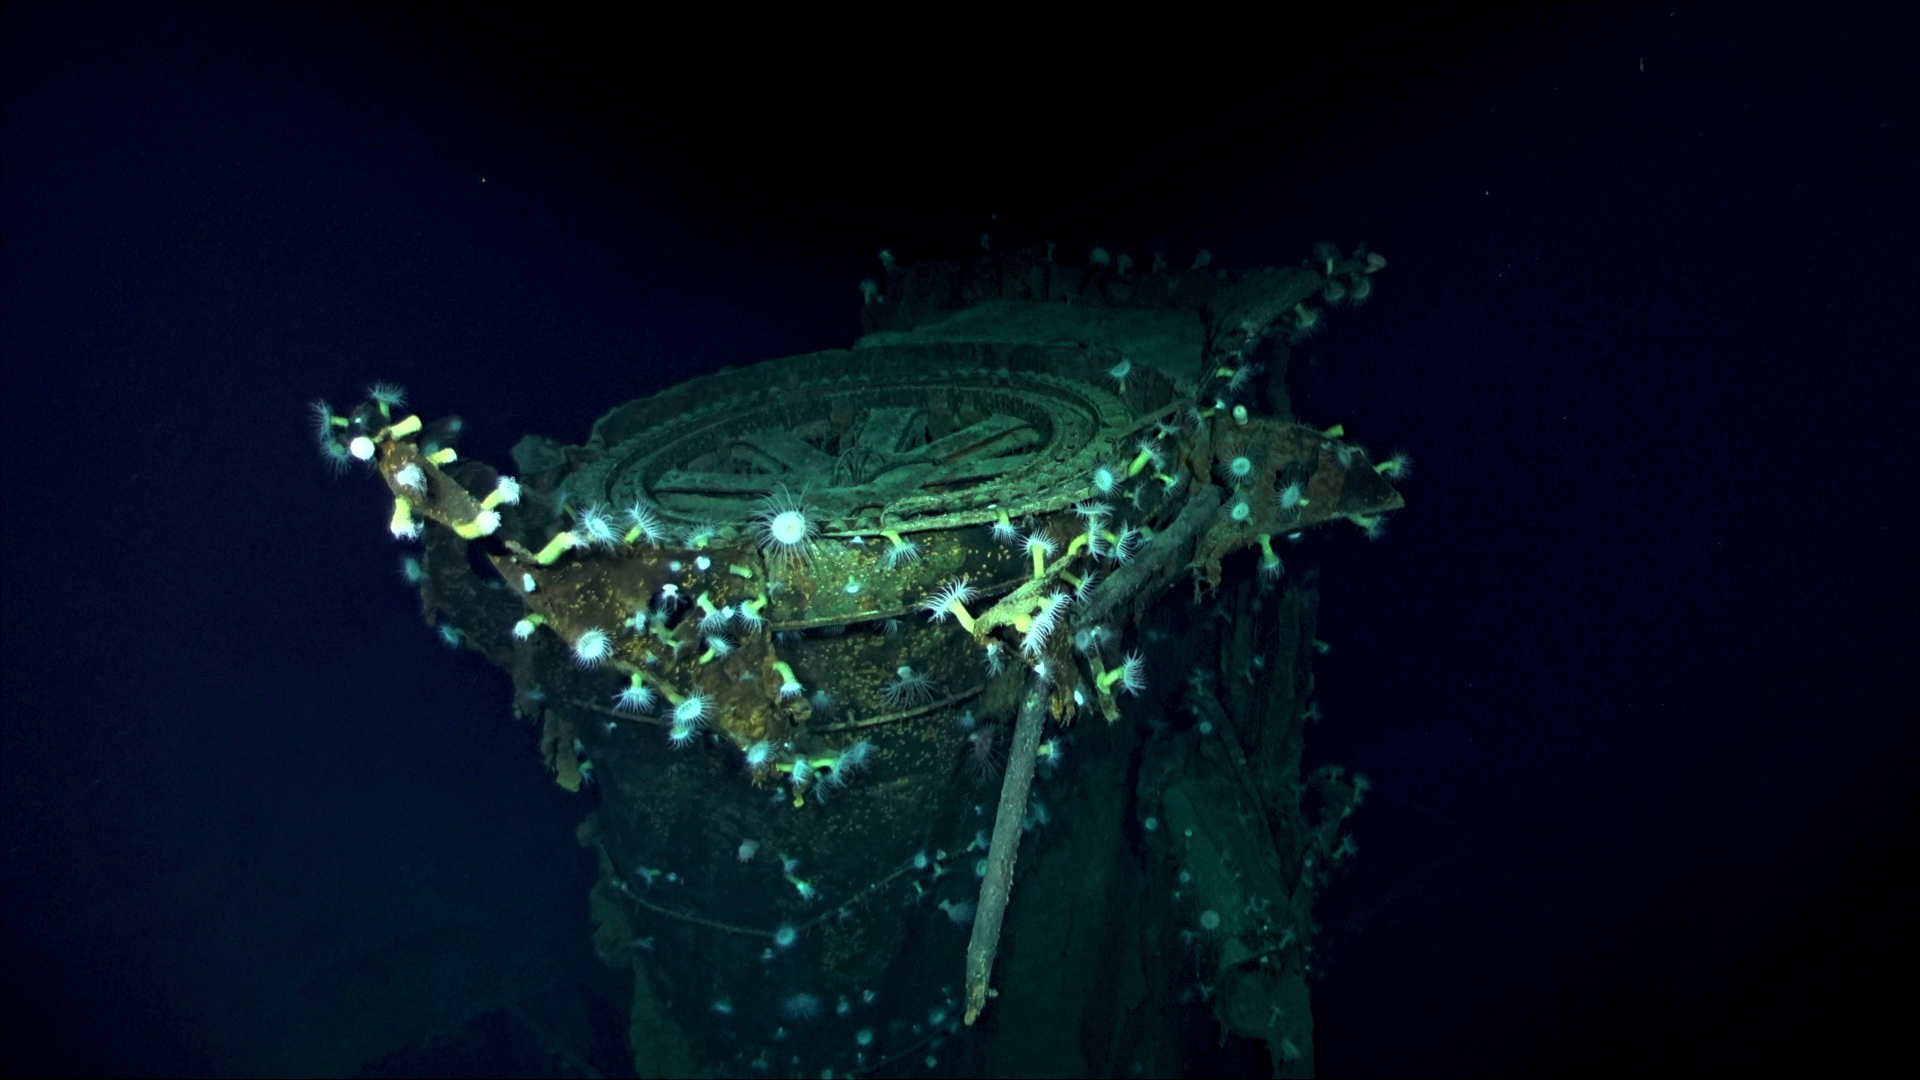 La estación de radar del portaaviones Kaga, en las profundidades del mar (AP / Caleb Jones)